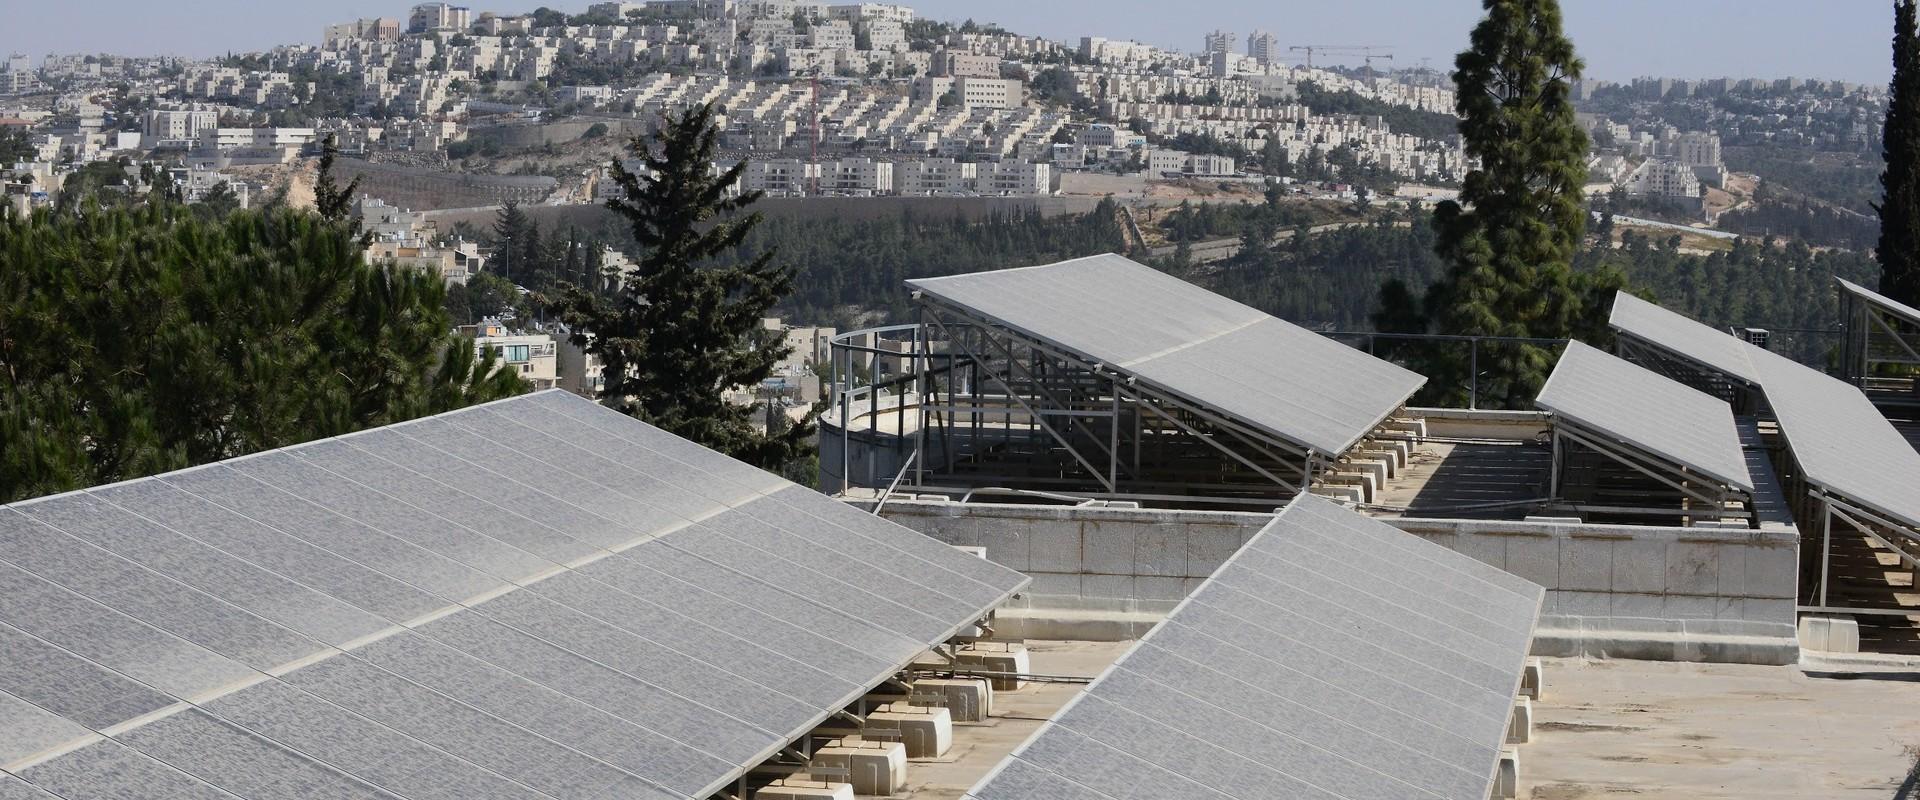 בית ספר אור תורה סטון - גגות סולארים 2 (צילום: דוד וינוקור)